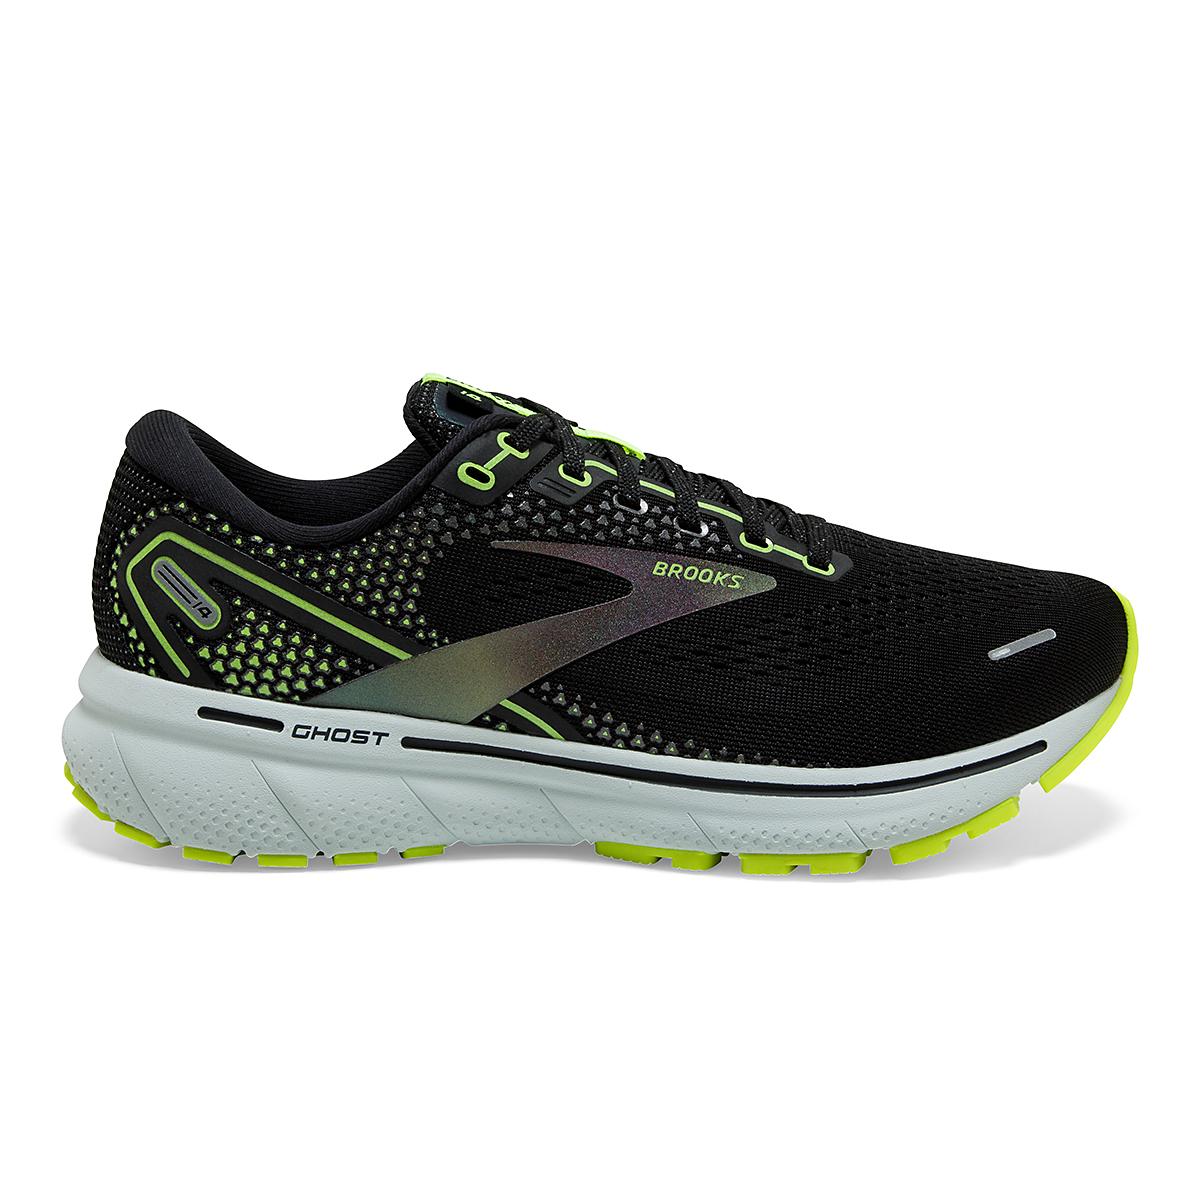 Men's Brooks Ghost 14 Running Shoe - Color: Black/Nightlife - Size: 7 - Width: Regular, Black/Nightlife, large, image 1